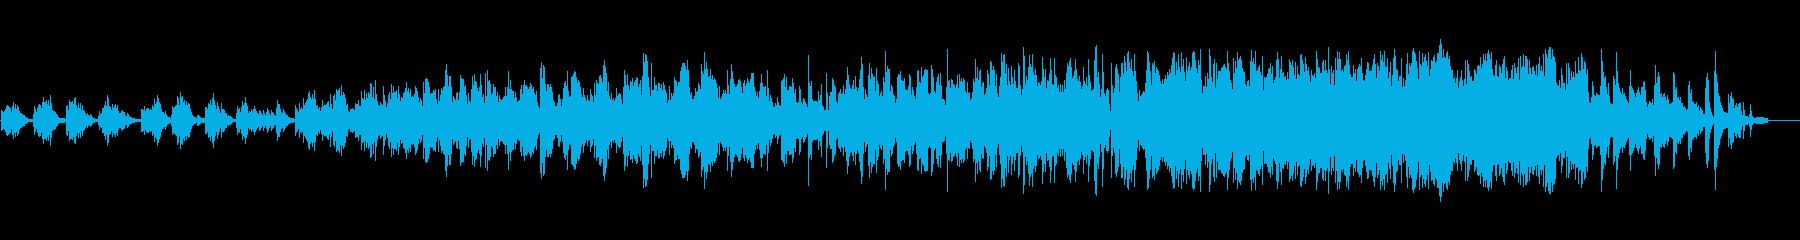 ピアノソロ。悲しい。メランコリック。の再生済みの波形